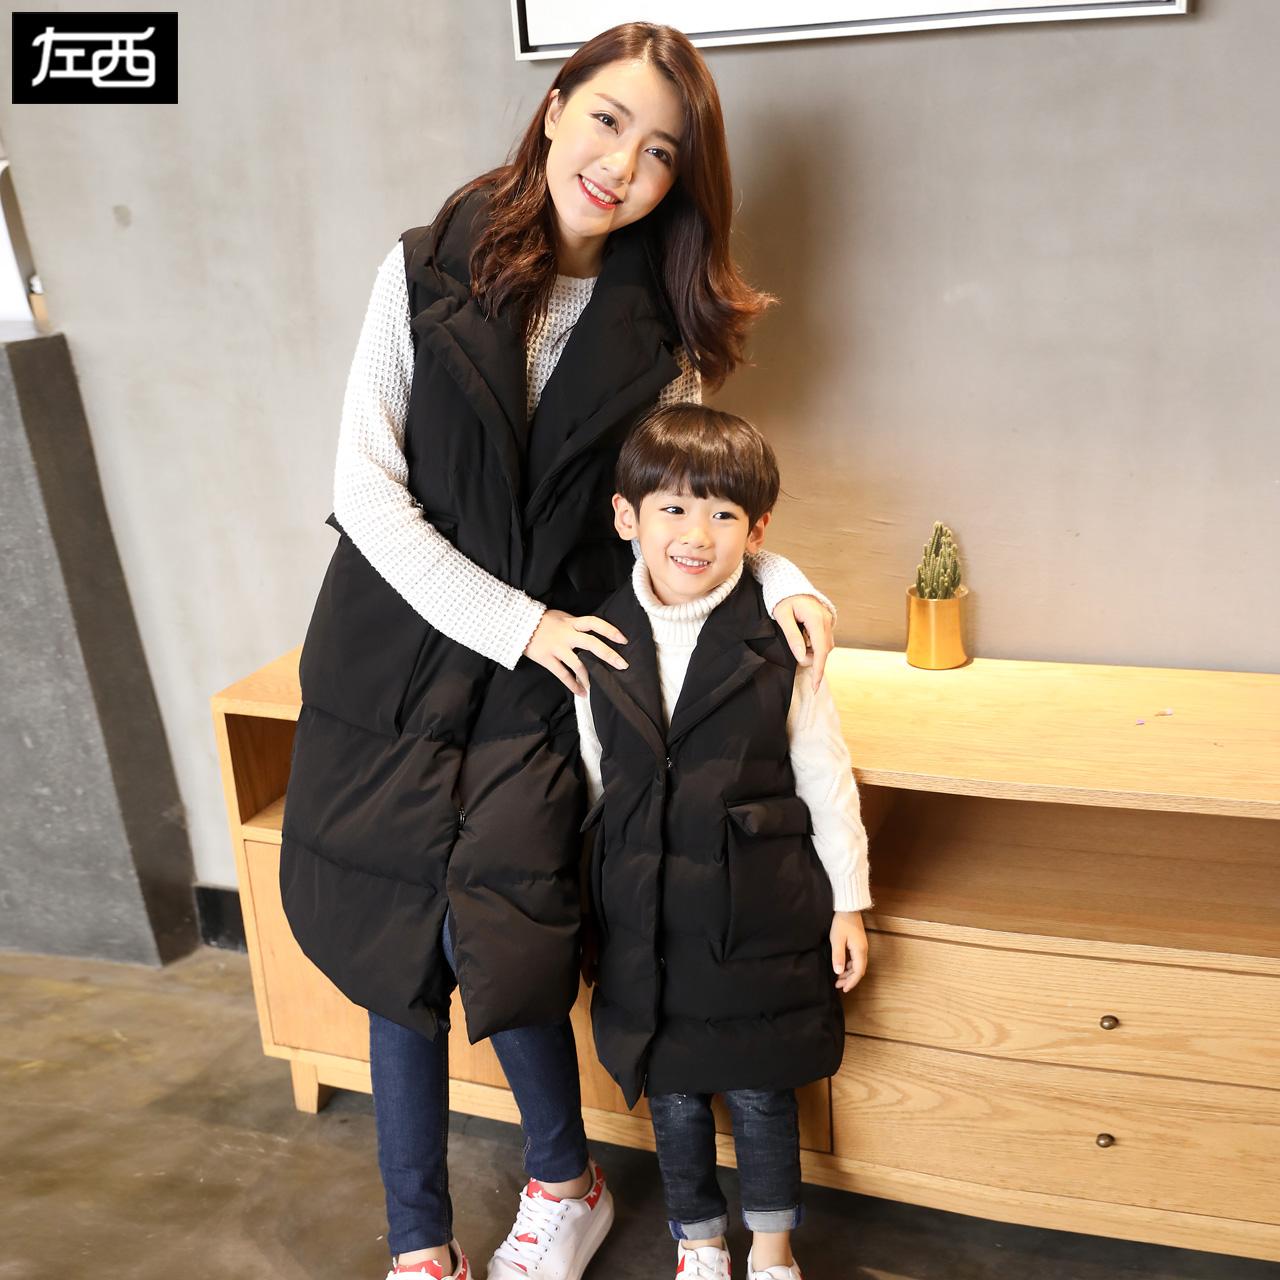 Слева западный ребятишки ребенок под жилет детской одежды мальчиков мать и дитя устанавливается в длинная модель в больших детей зима 2017 новый